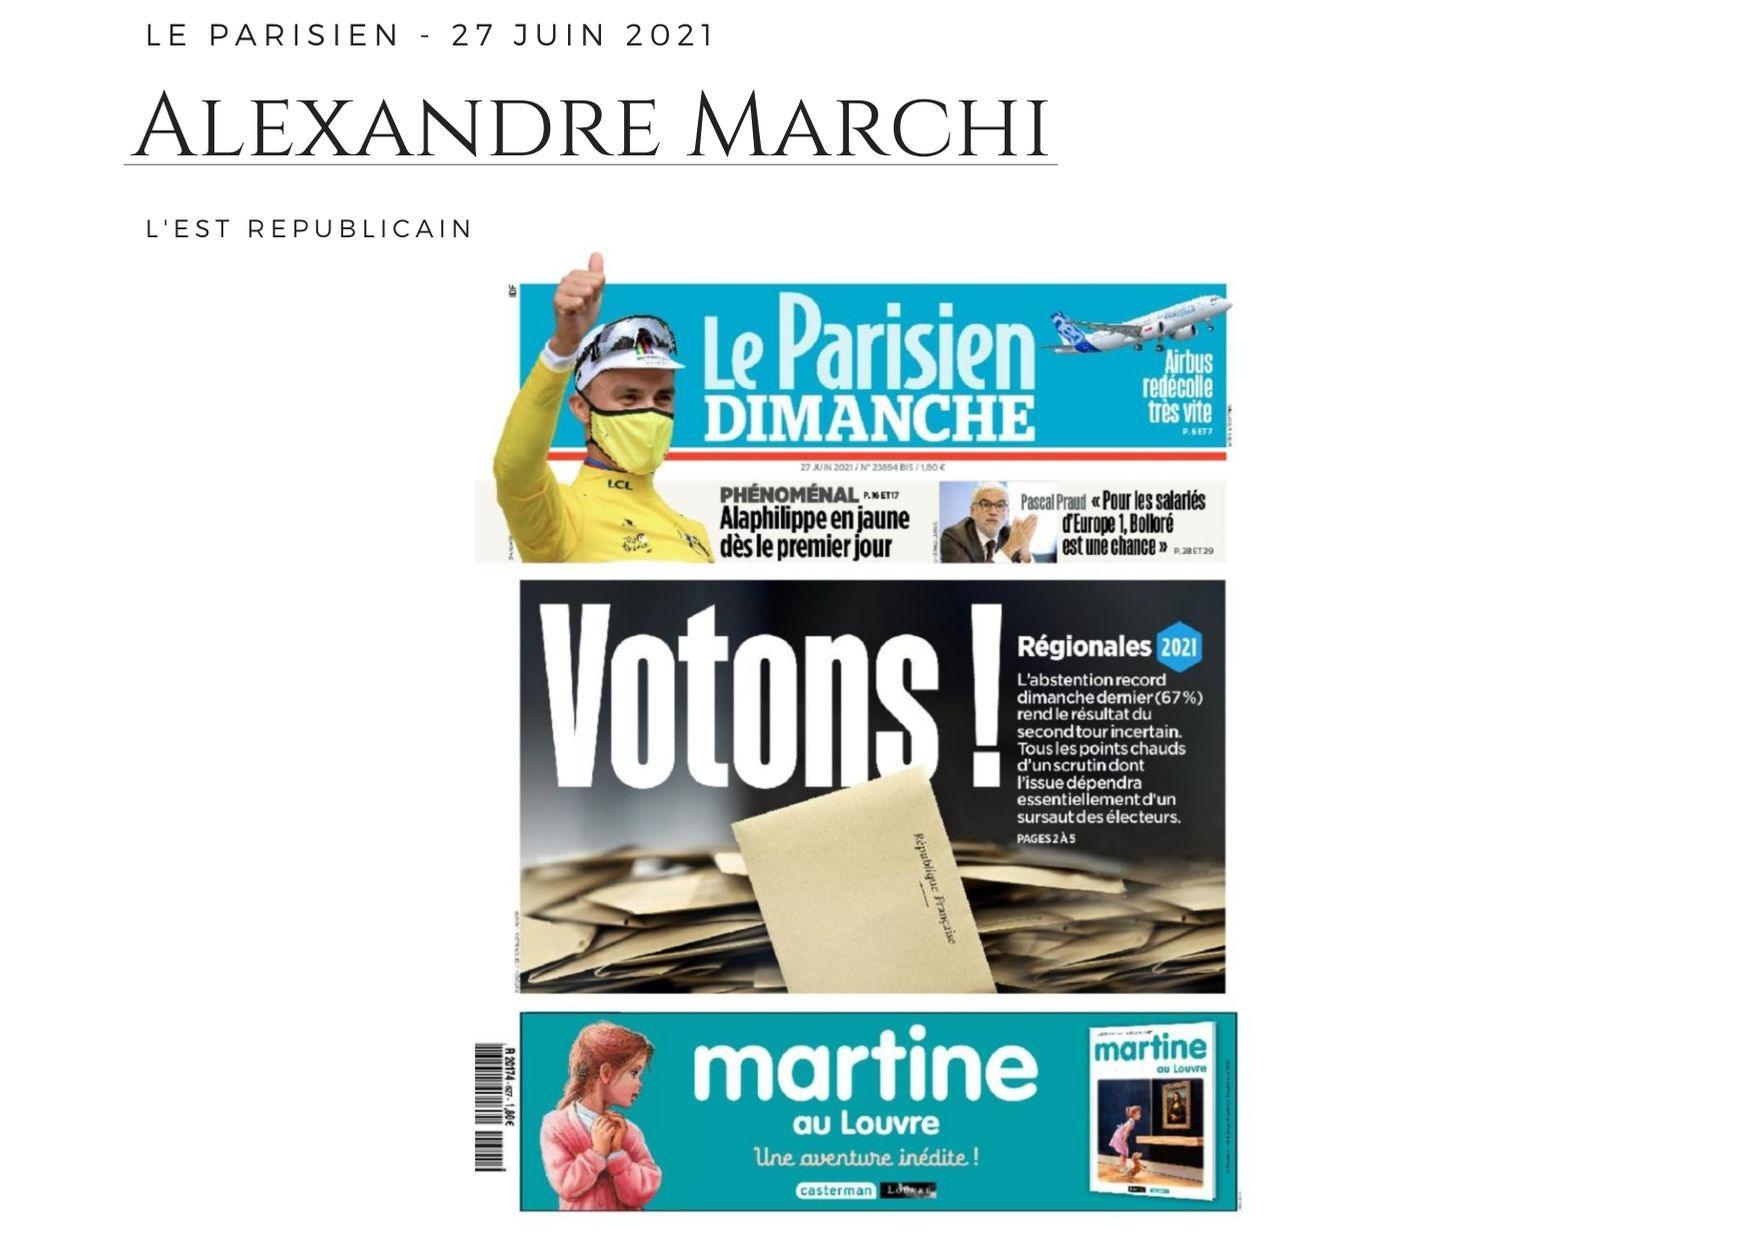 Le Parisien - 27 juin 2021